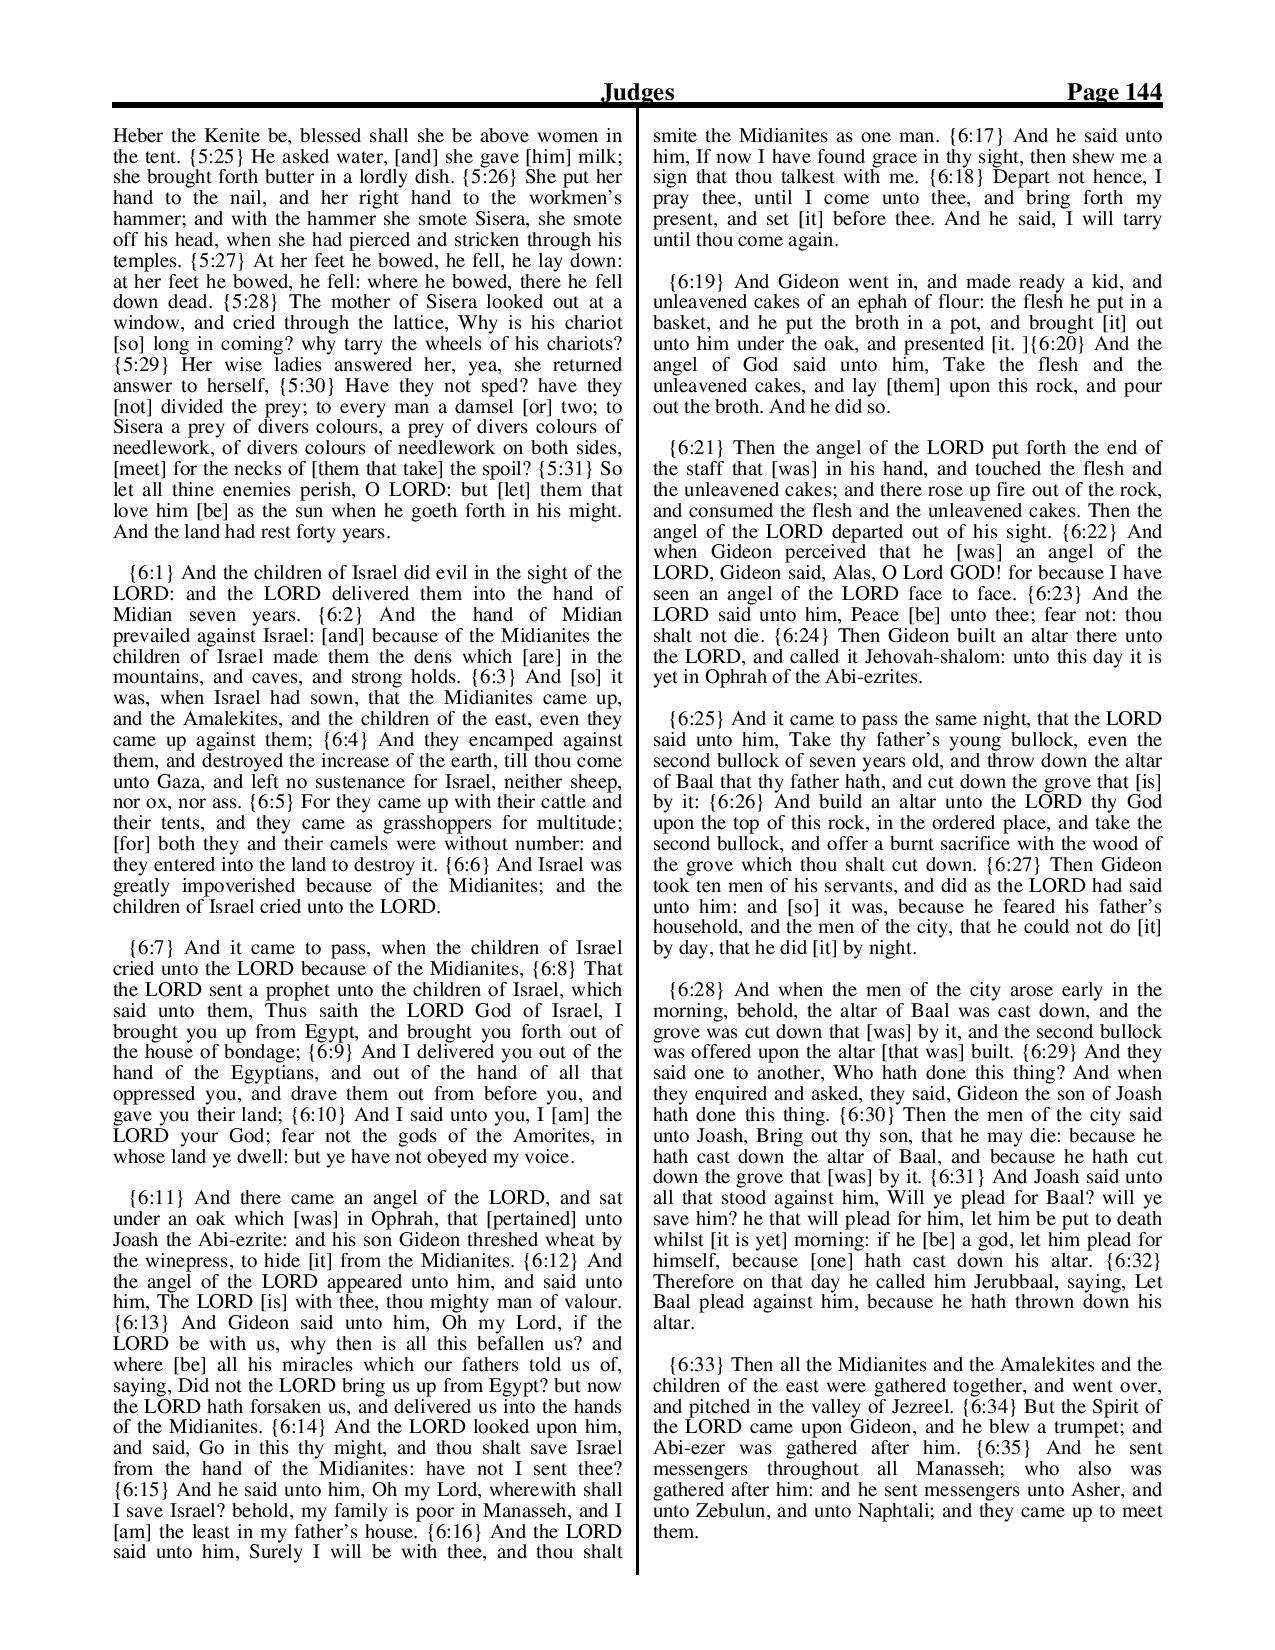 King-James-Bible-KJV-Bible-PDF-page-165